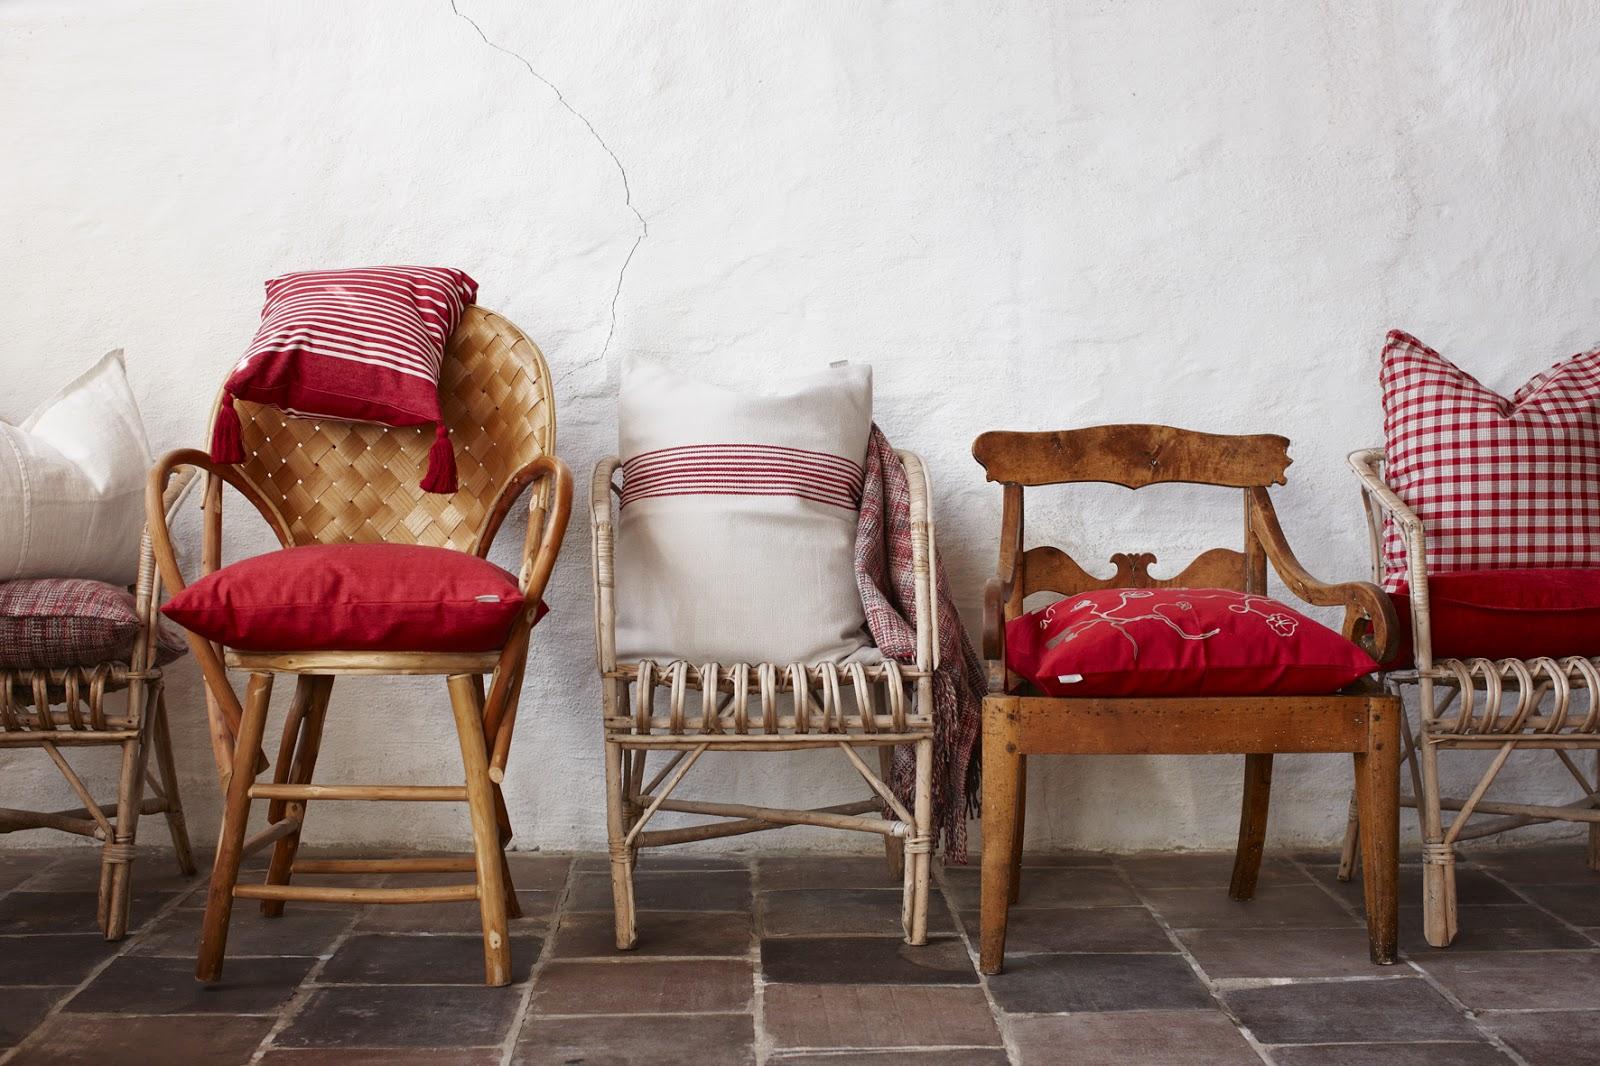 El blog de los pe otes cambia el estilo de tu casa con - Los penotes decoracion ...